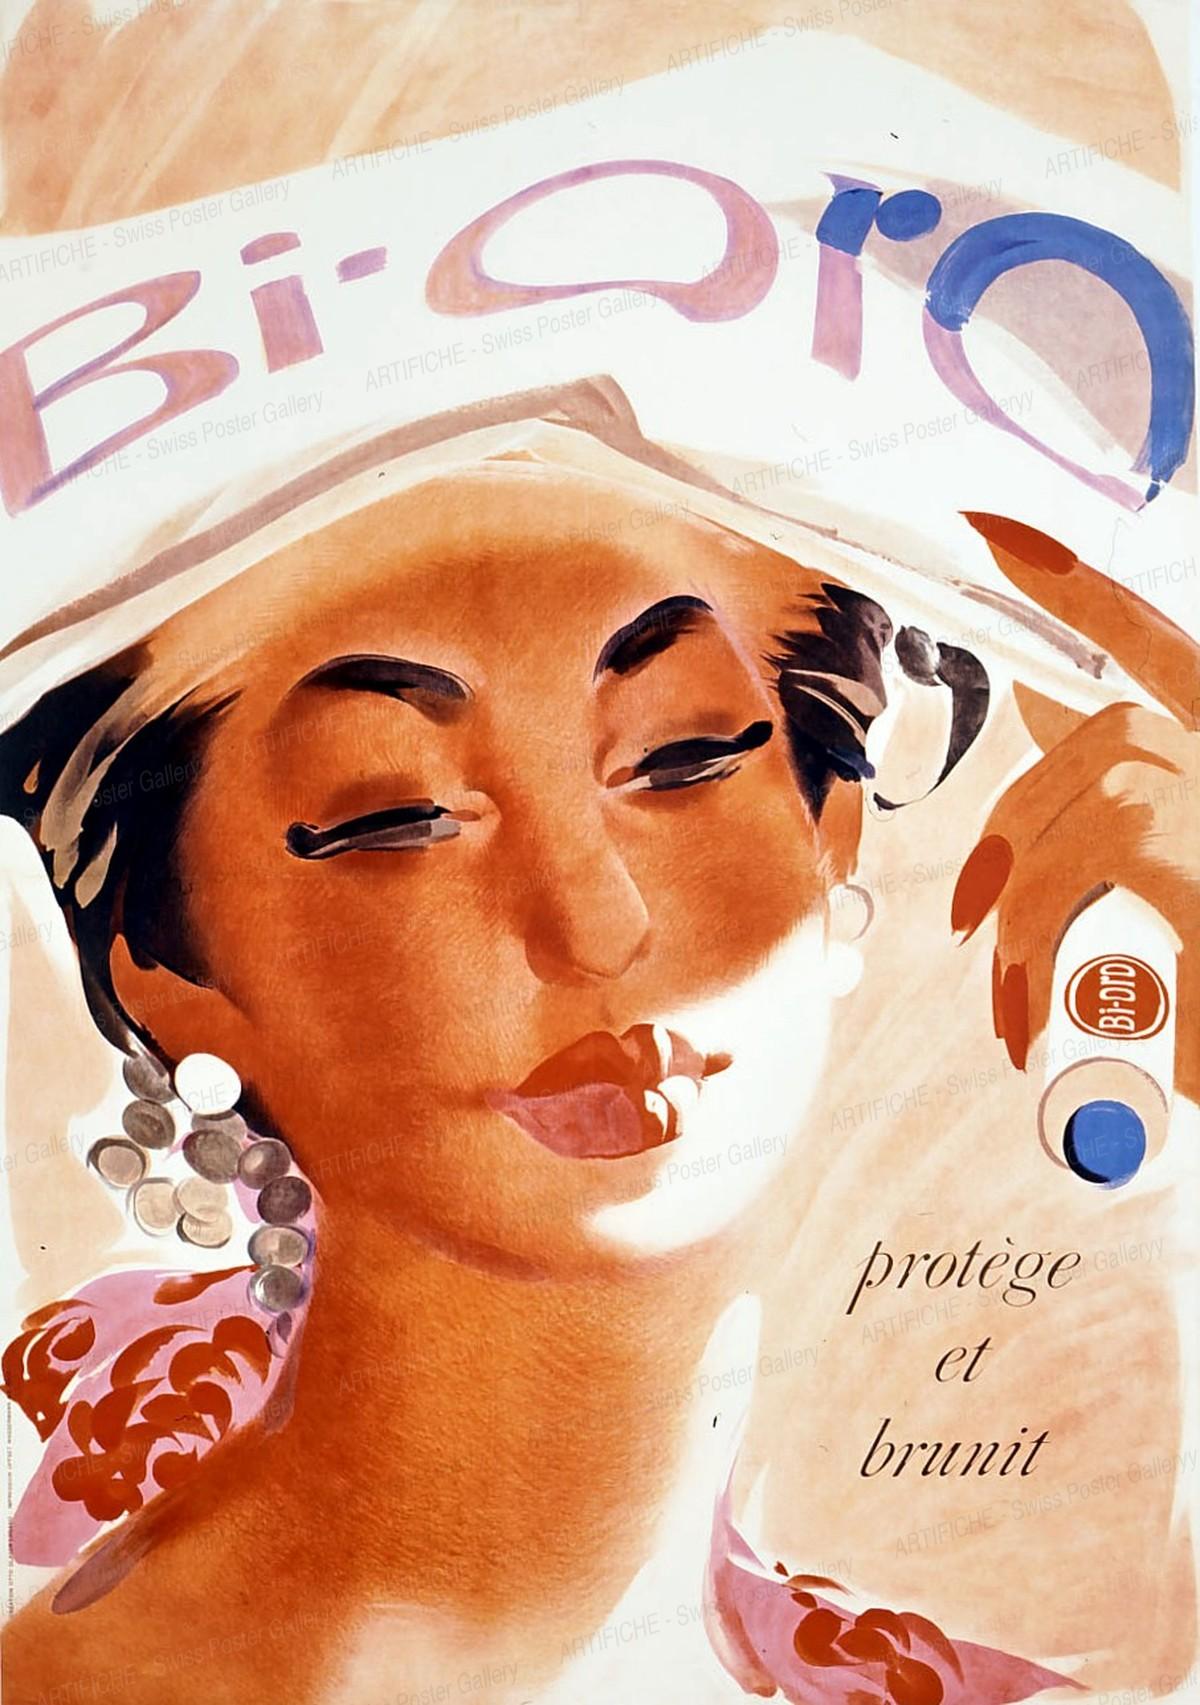 Bi-Oro – protège et brunit, Otto Glaser